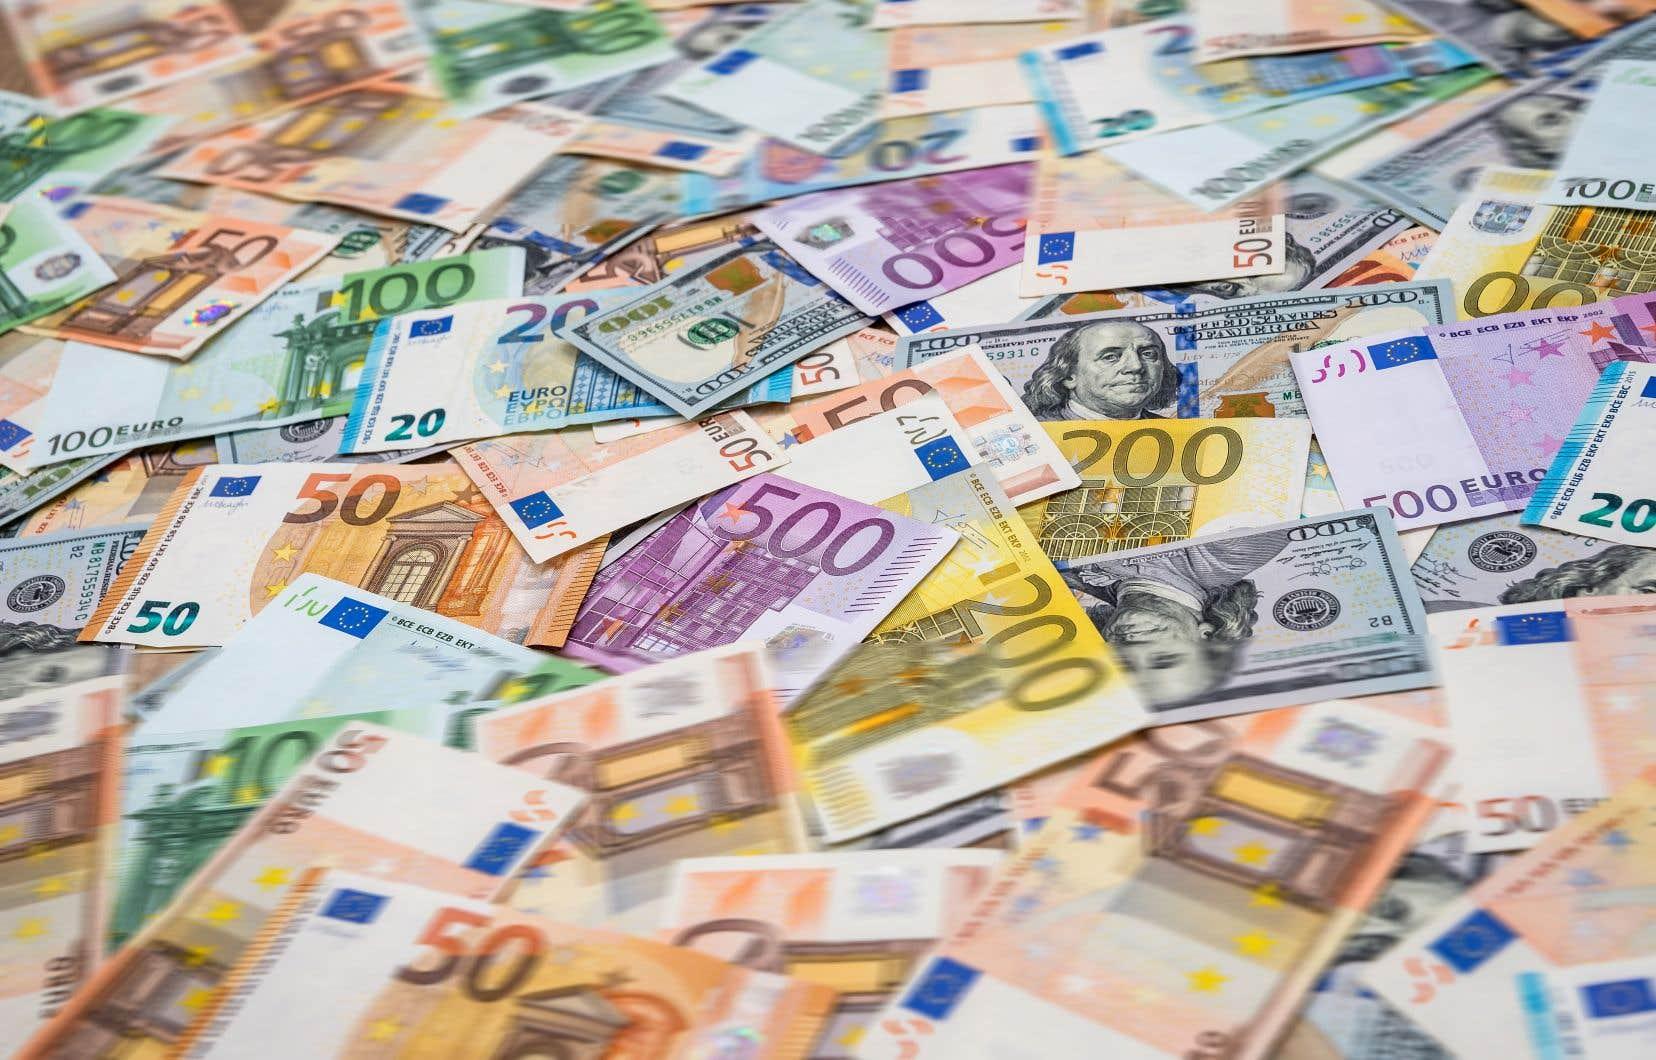 L'initiative de transparence a permis de trouver un peu plus de 100milliards d'euros de recettes supplémentaires, provenant largement de déclarations volontaires d'un peu plus d'unmillion de contribuables.